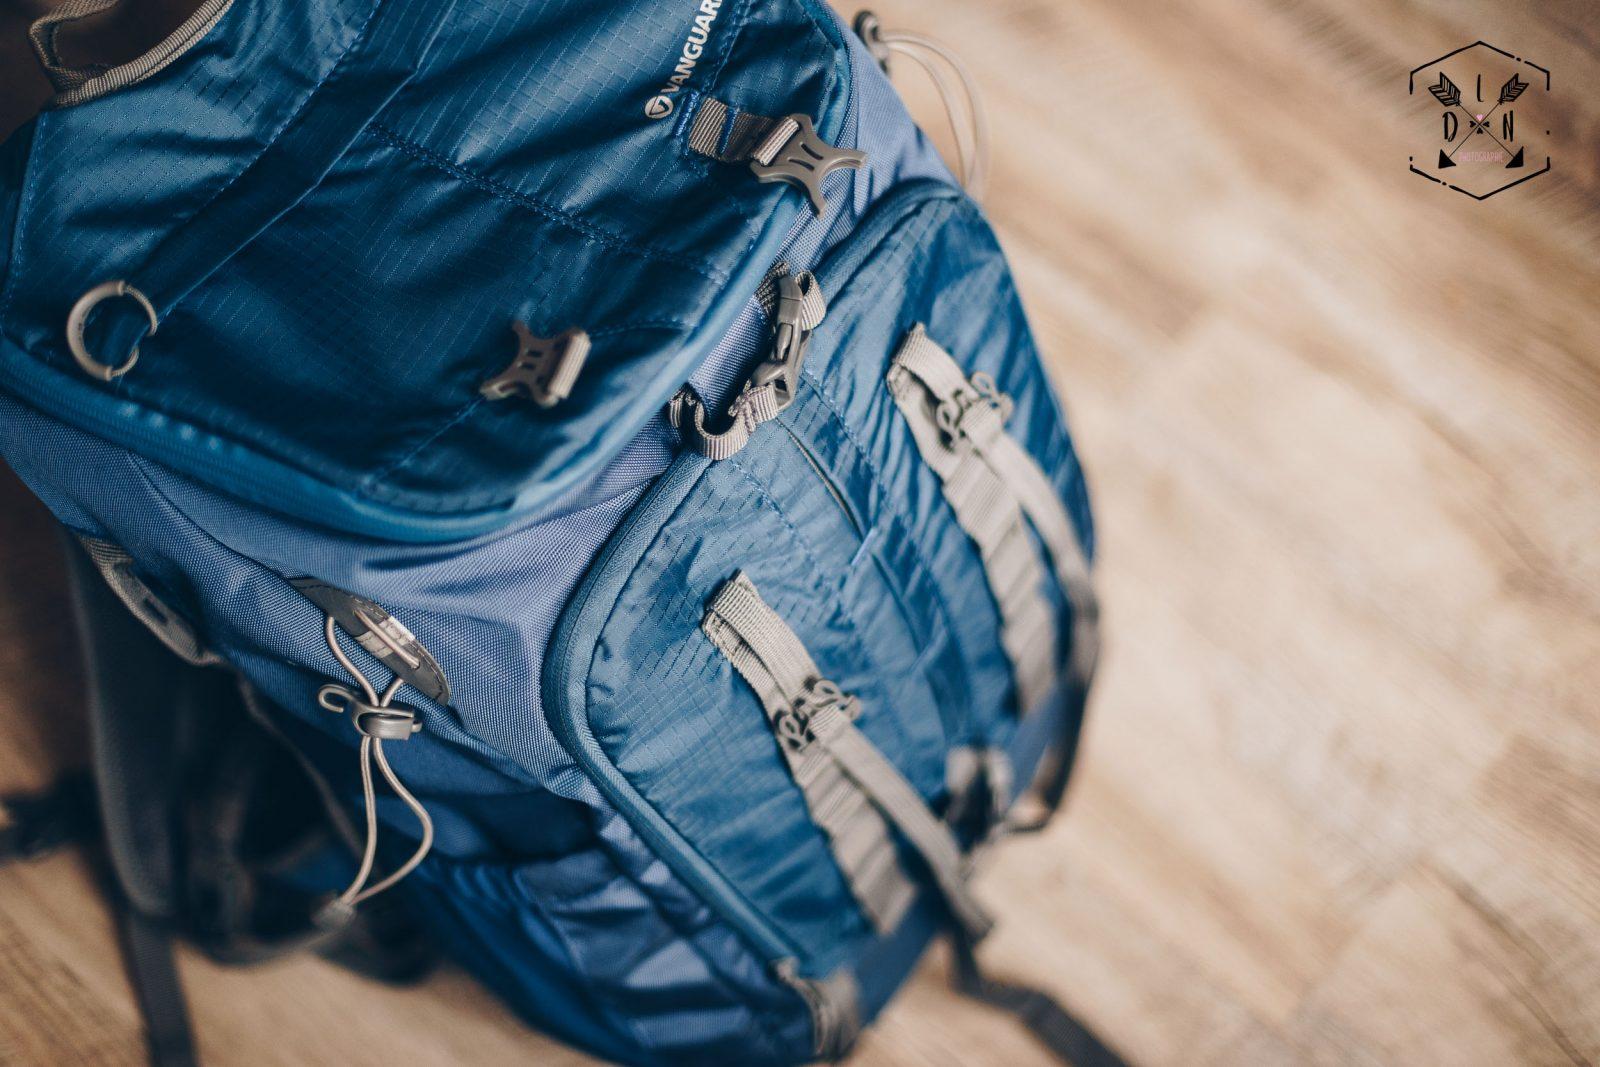 sac photo Sedona 51 vanguard, matériel photo pour voyage, sac photo randonnée et ville, L'oeil de Noémie blogueuse photo et voyage